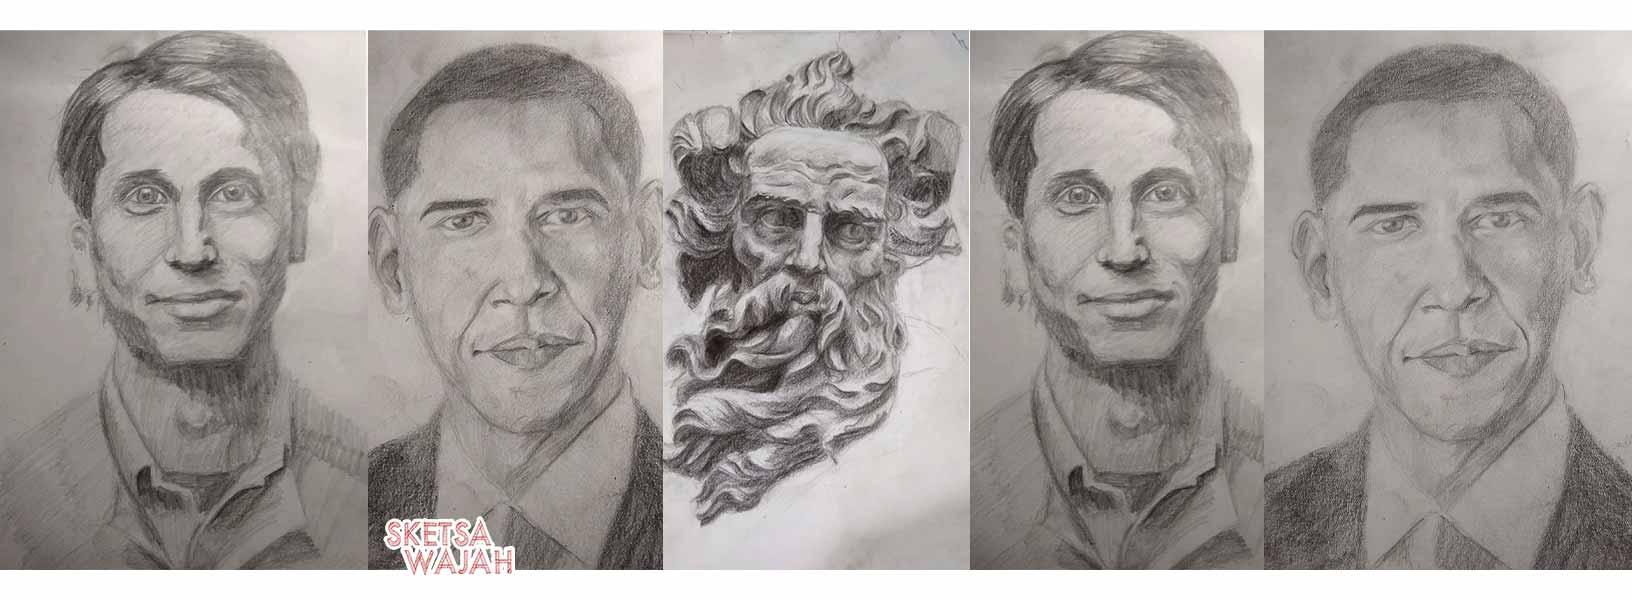 Karya Stan Prokopenko sketcher Sketsa Wajah